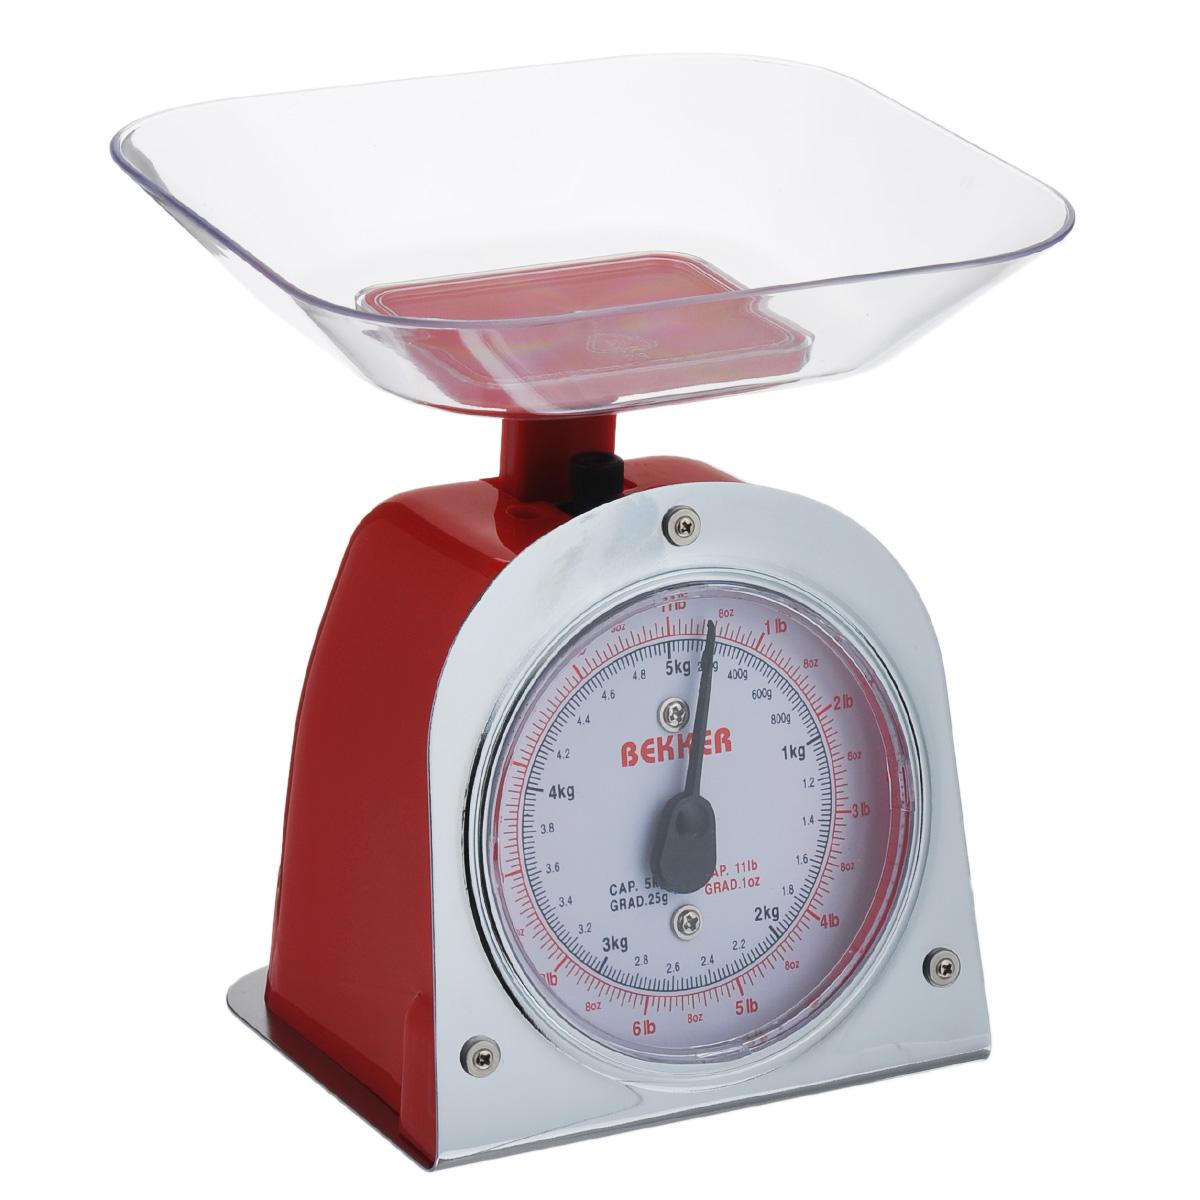 Весы кухонные Bekker Koch, цвет: красный, до 5 кгBK-2Весы кухонные Bekker Koch предназначены для взвешивания продуктов. Основание весов изготовлено из металла, а корпус из высококачественного пластика. Весы имеют регулятор мерной шкалы и съемную чашу, изготовленную из пластика. Весы выдерживают до 5 килограмм веса. Кухонные весы Bekker Koch придутся по душе каждой хозяйке и станут незаменимым аксессуаром на кухне.Размер весов (с учетом чаши): 13,5 см х 12 см х 19 см. Цена деления: 25 г. Максимальная нагрузка: 5 кг. Размер съемной чаши: 17,8 см х 15 см х 3,5 см.